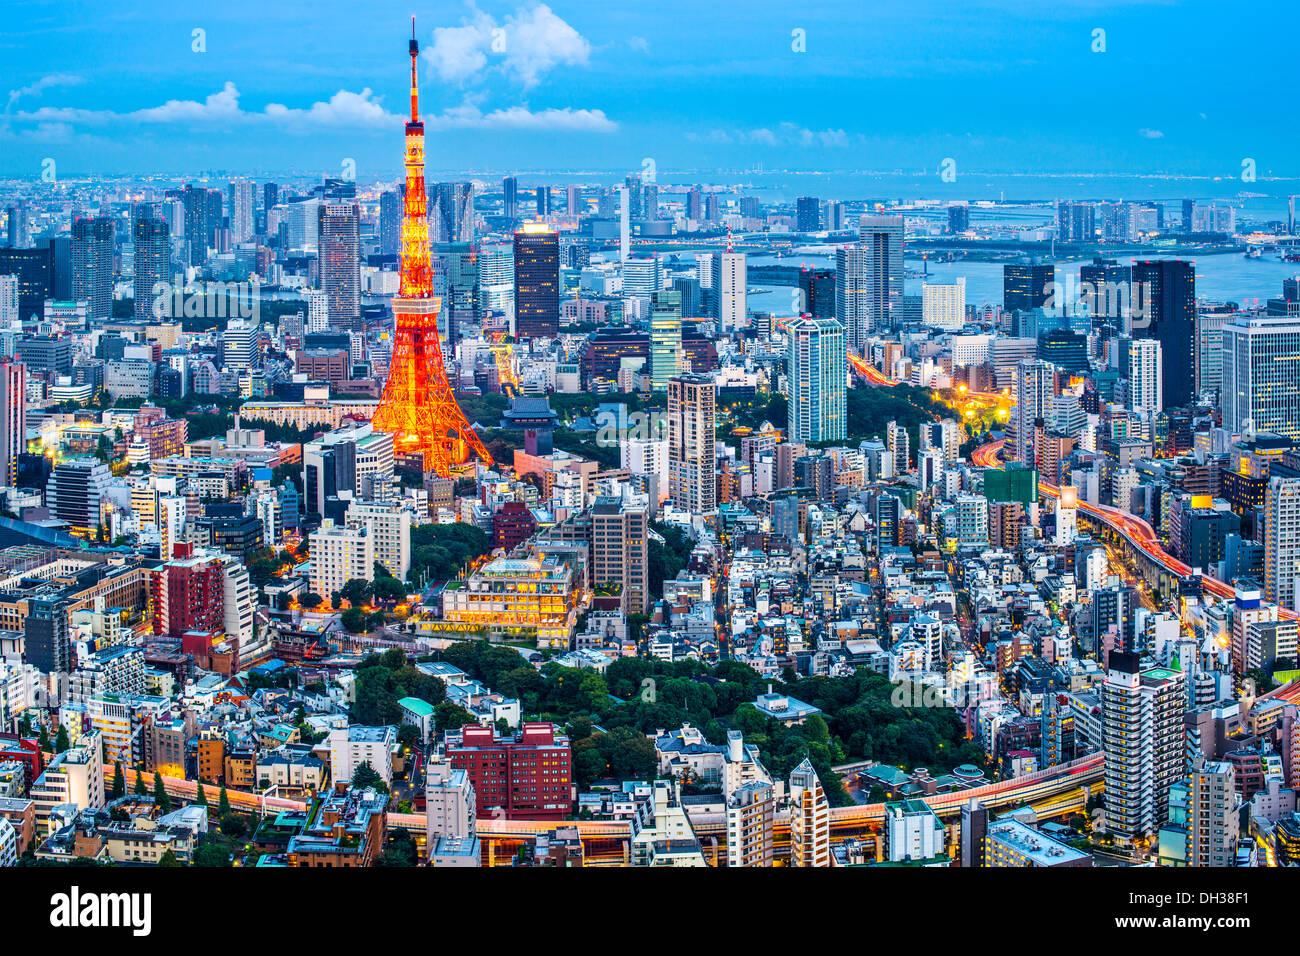 La Torre de Tokio en Tokio, Japón Imagen De Stock